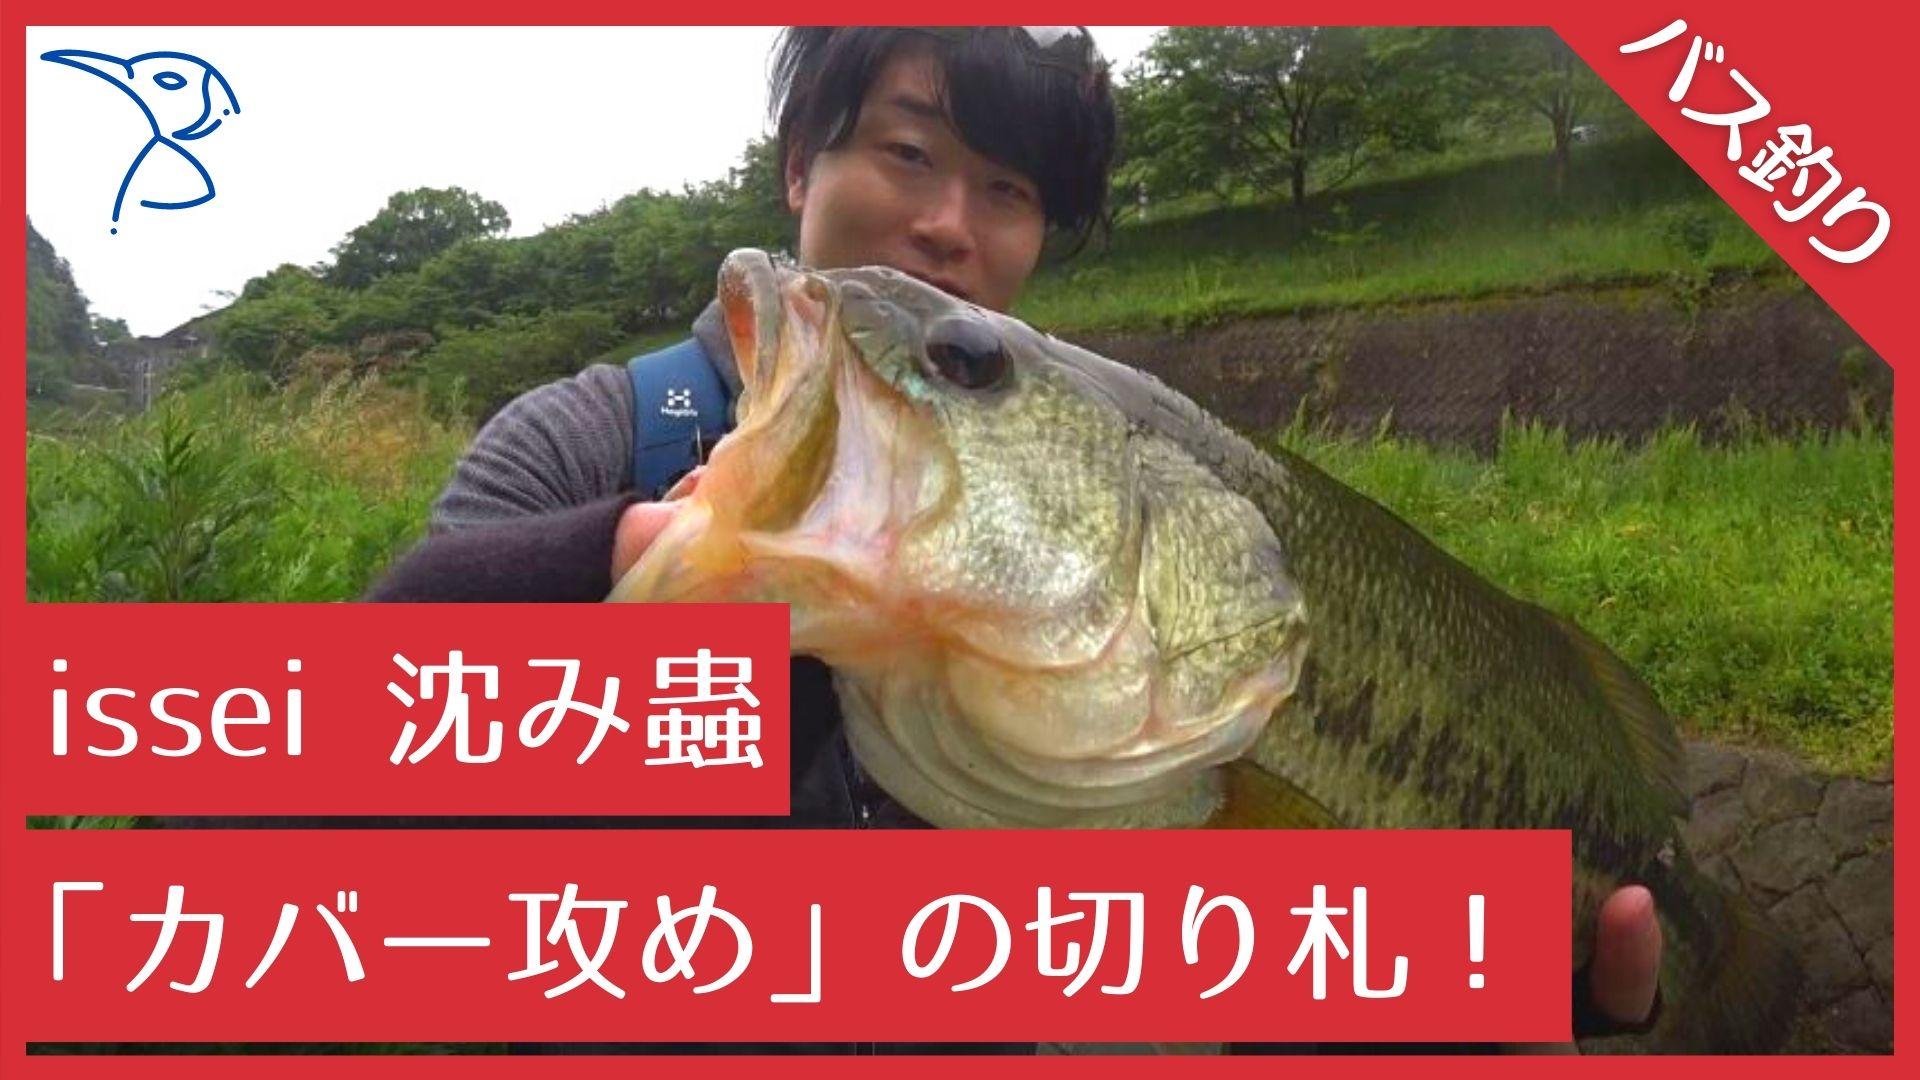 【Youtube】圧倒的な飛距離とバックスライド性能!「issei 沈み蟲」の使い方とセッティングを紹介